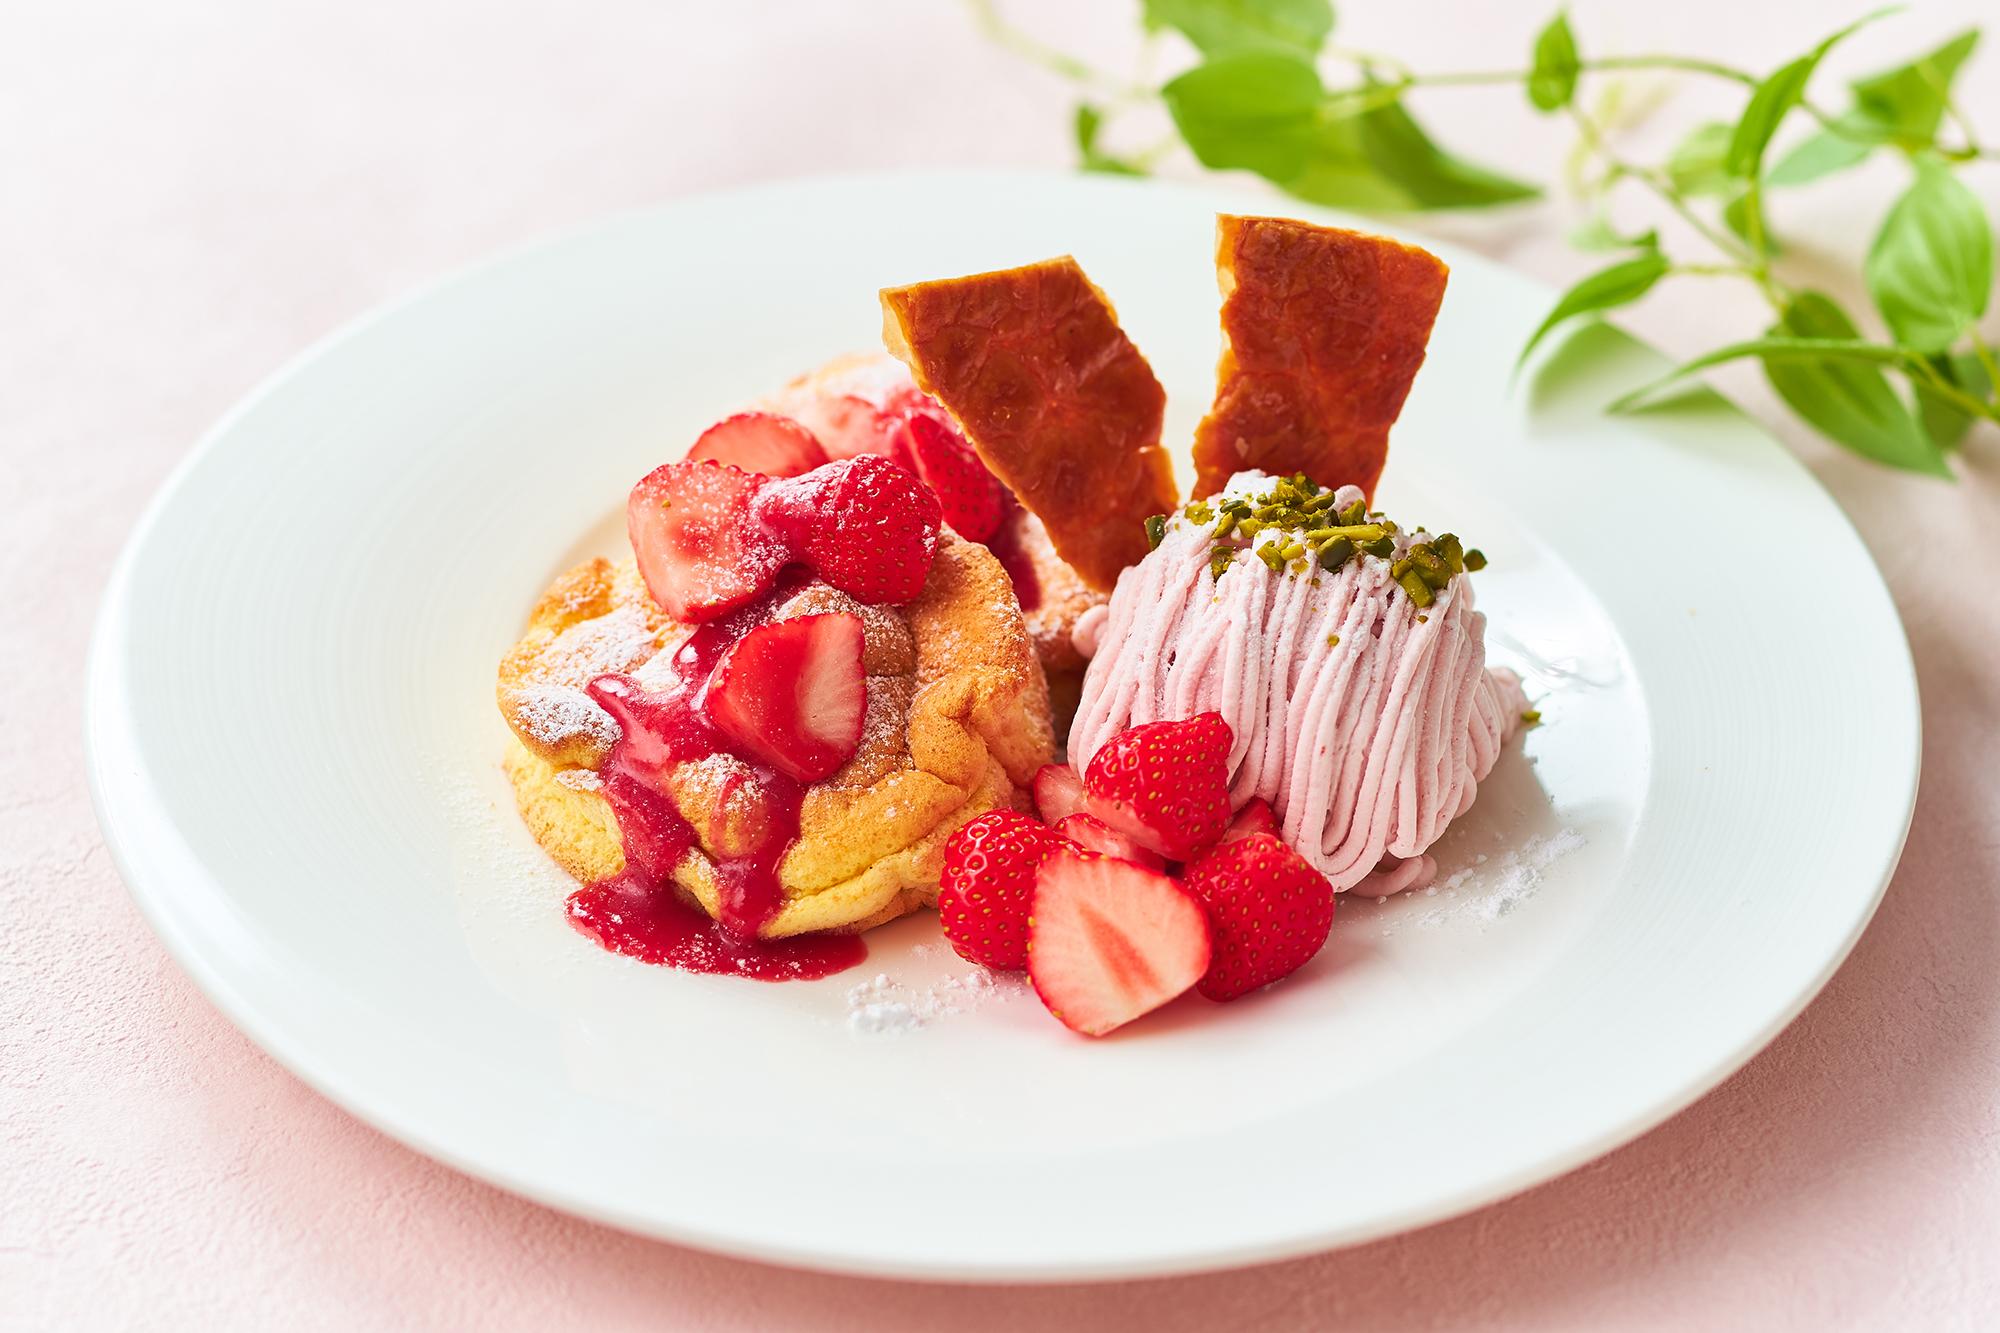 ストロベリースフレパンケーキ